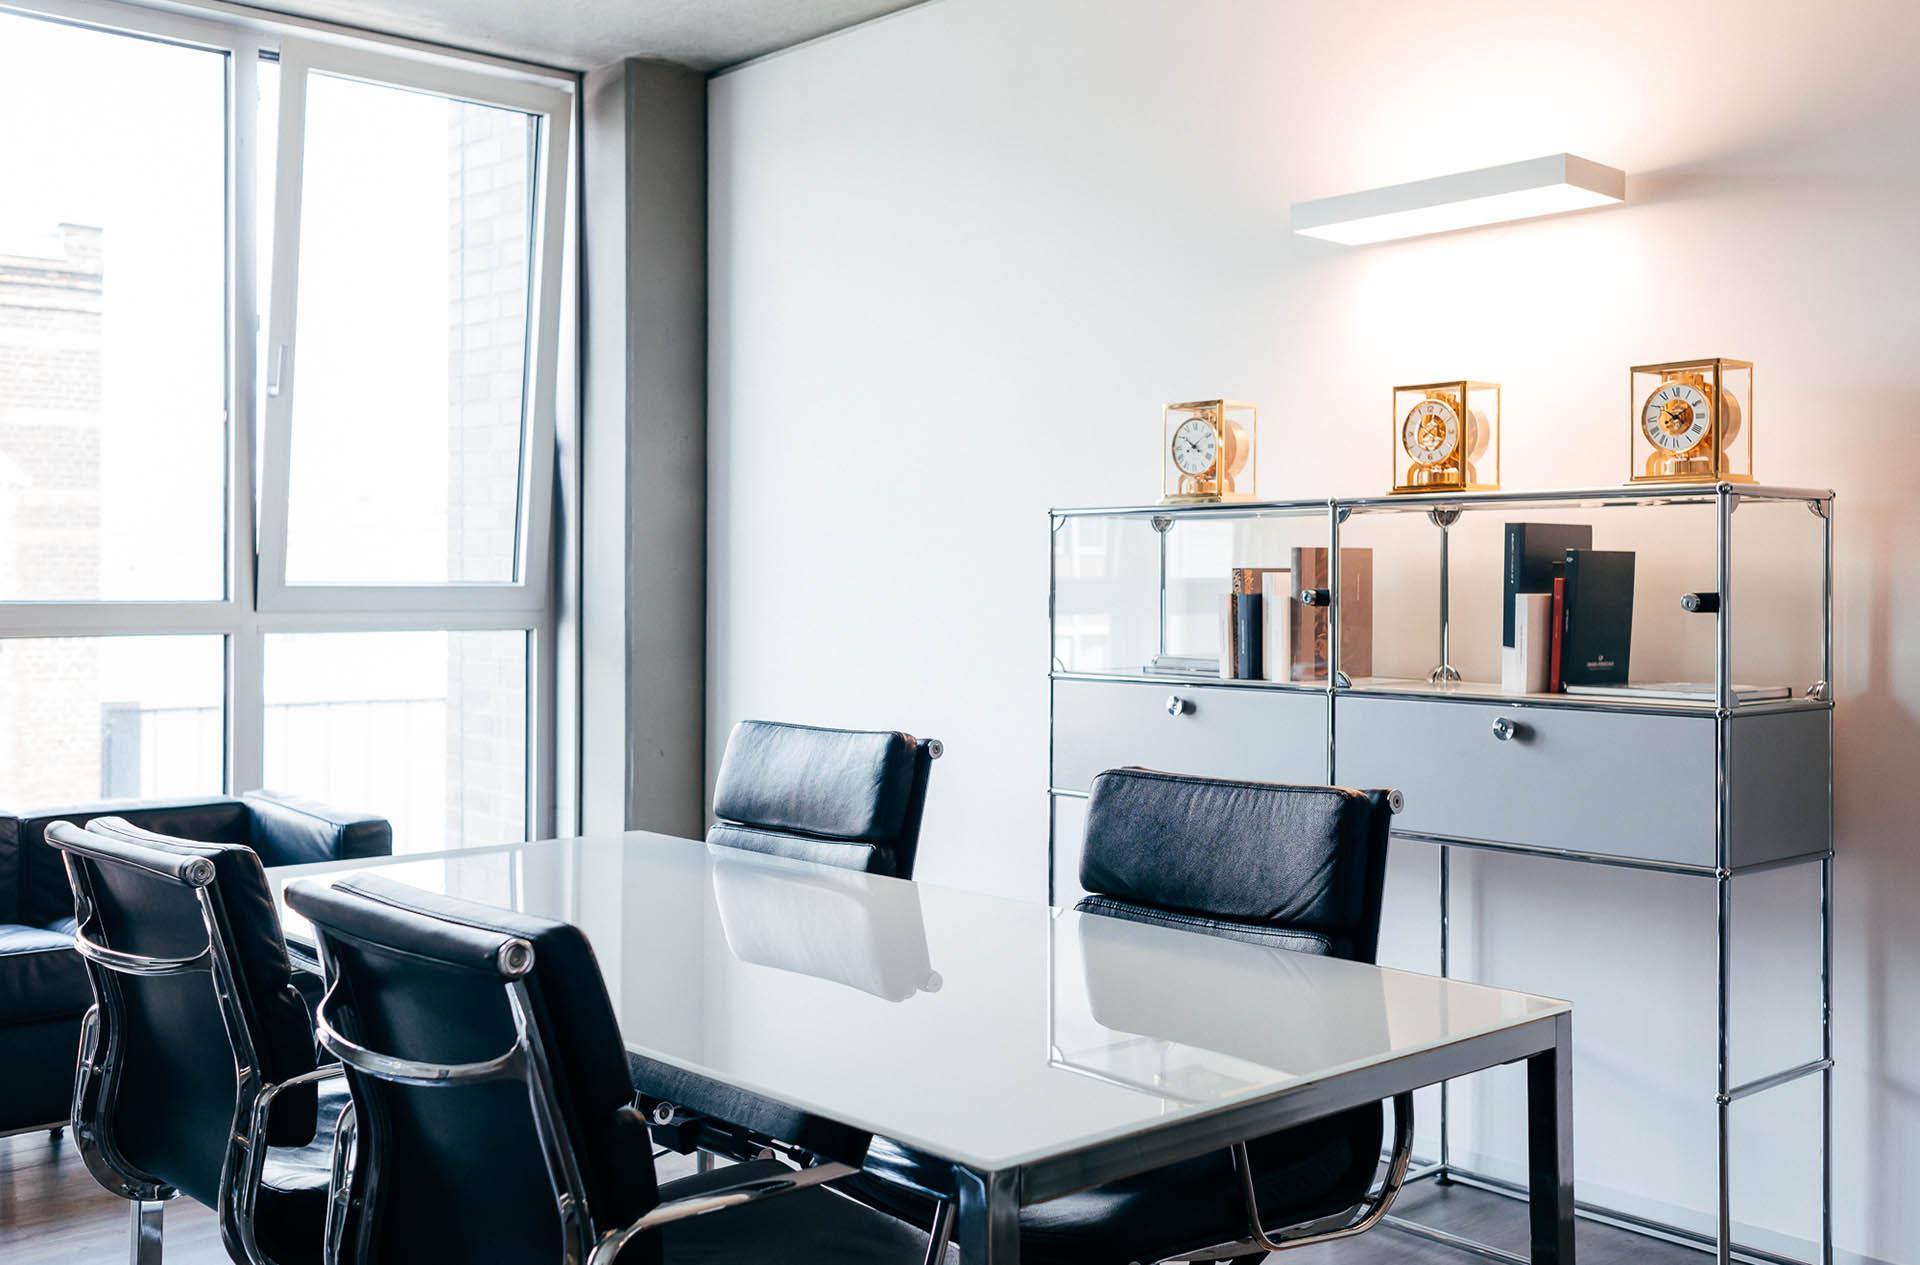 In der CHRONEXT-Zentrale in Köln gibt es Vorlagezimmer, in denen sich der Interessent verschiedene Uhrenzeigen lassen und nach einem Kauf auch direkt mitnehmen kann.